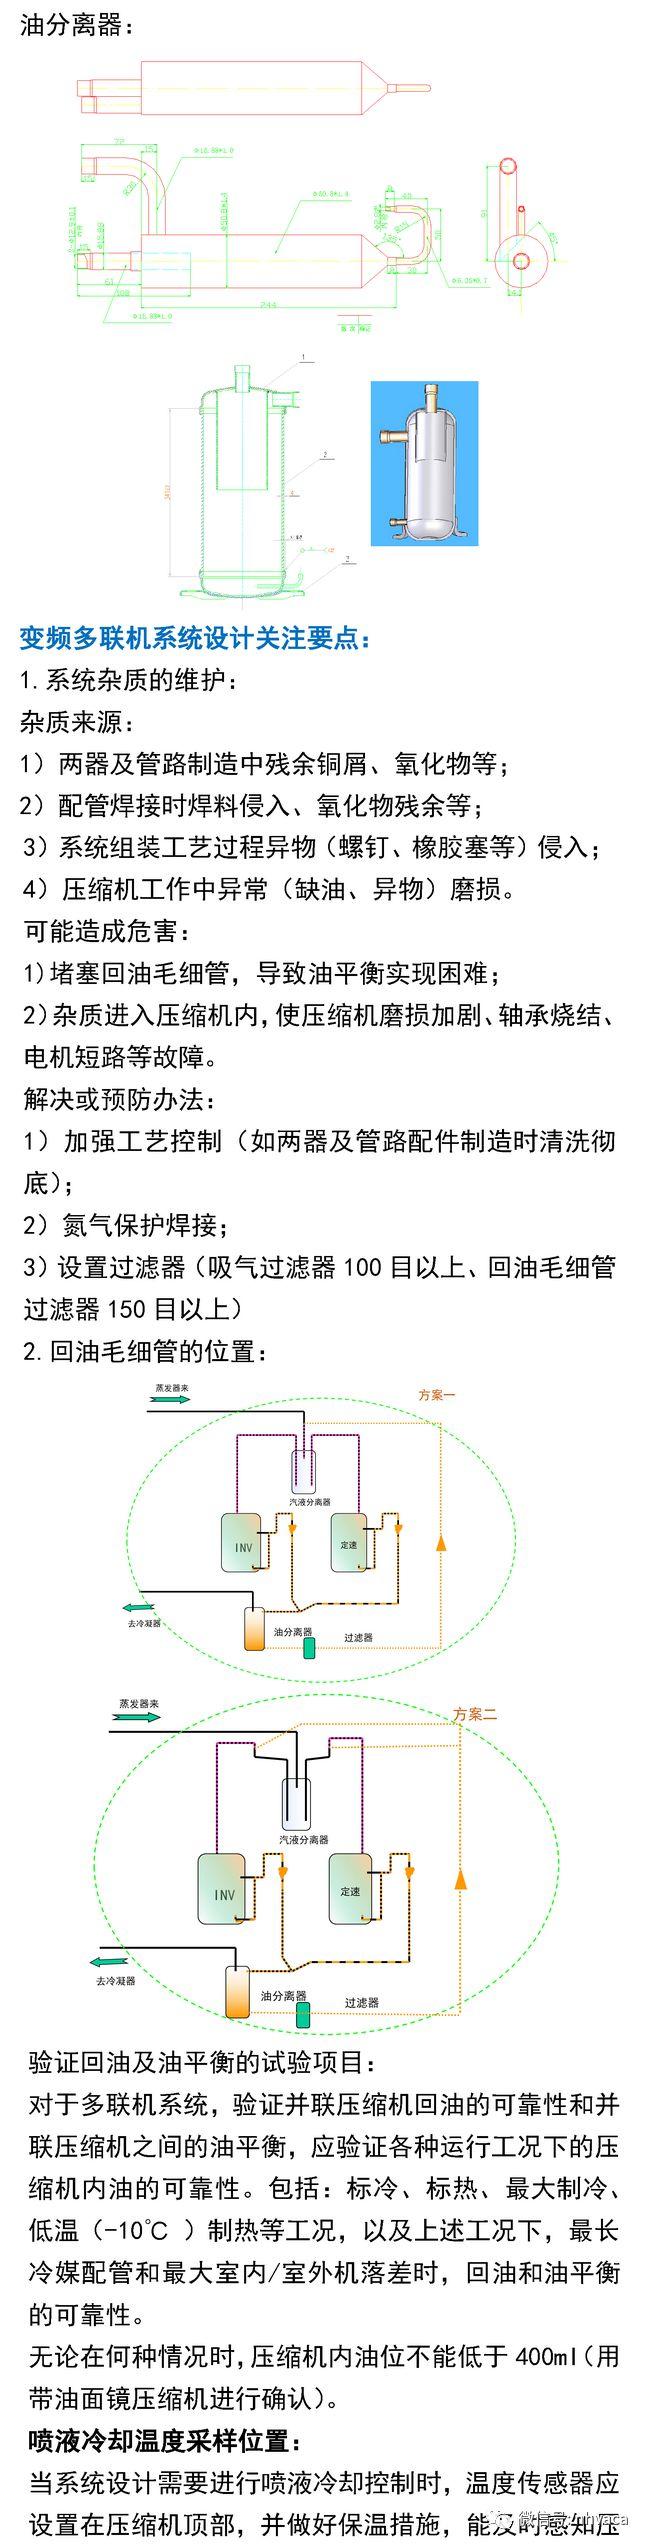 涡旋压缩机设计应用手册_7